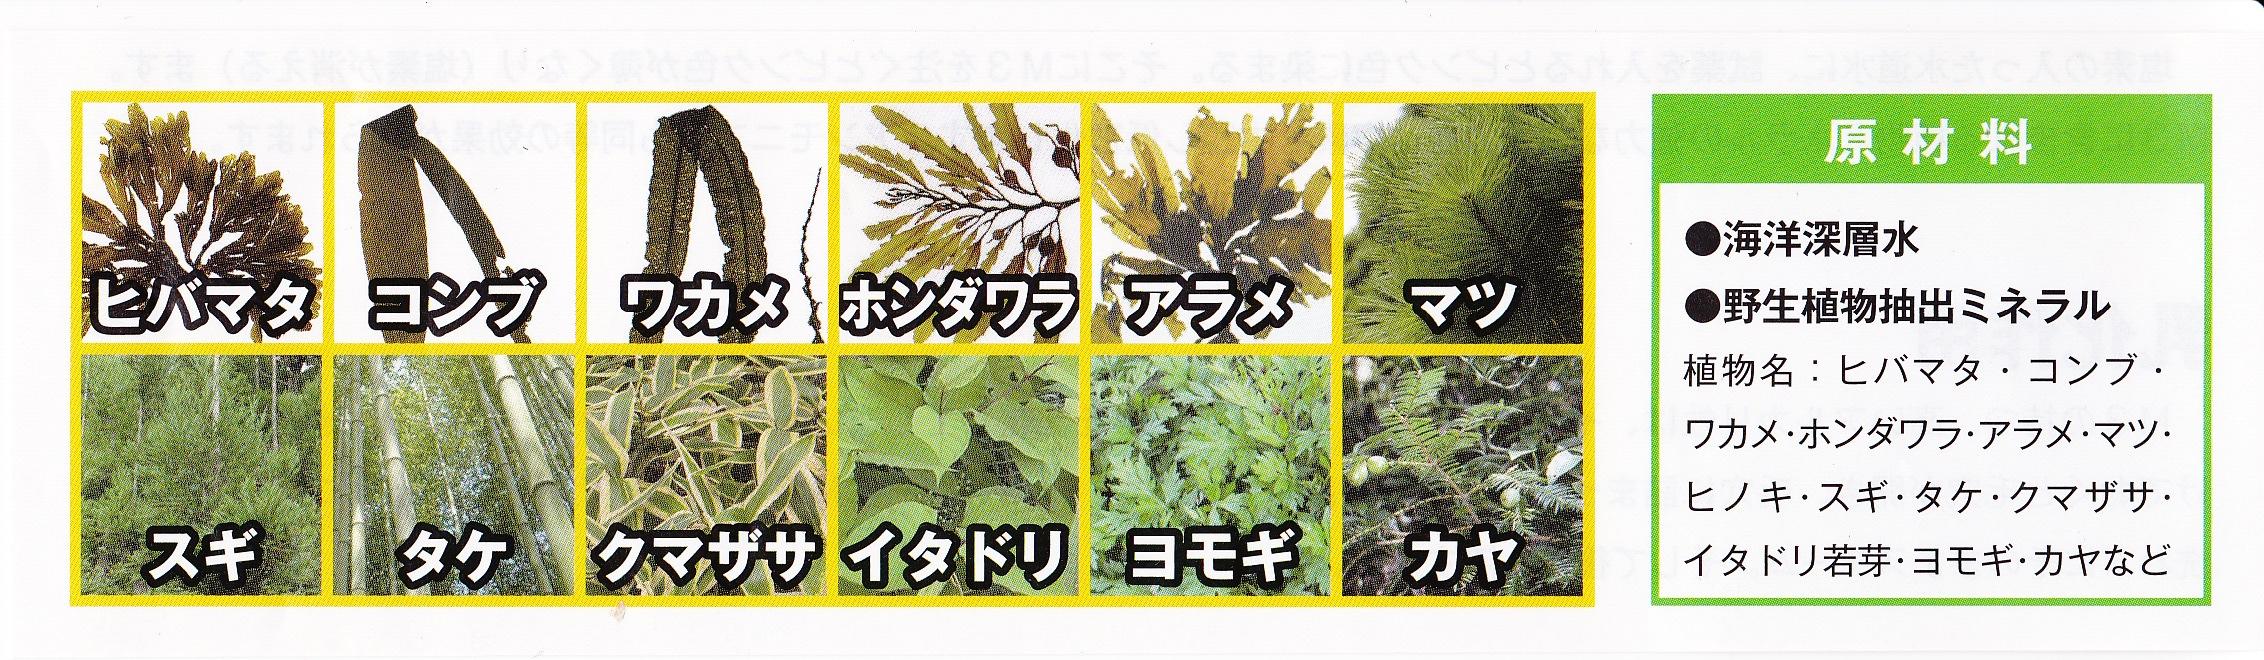 原材料 海洋深層水 野生植物抽出ミネラル